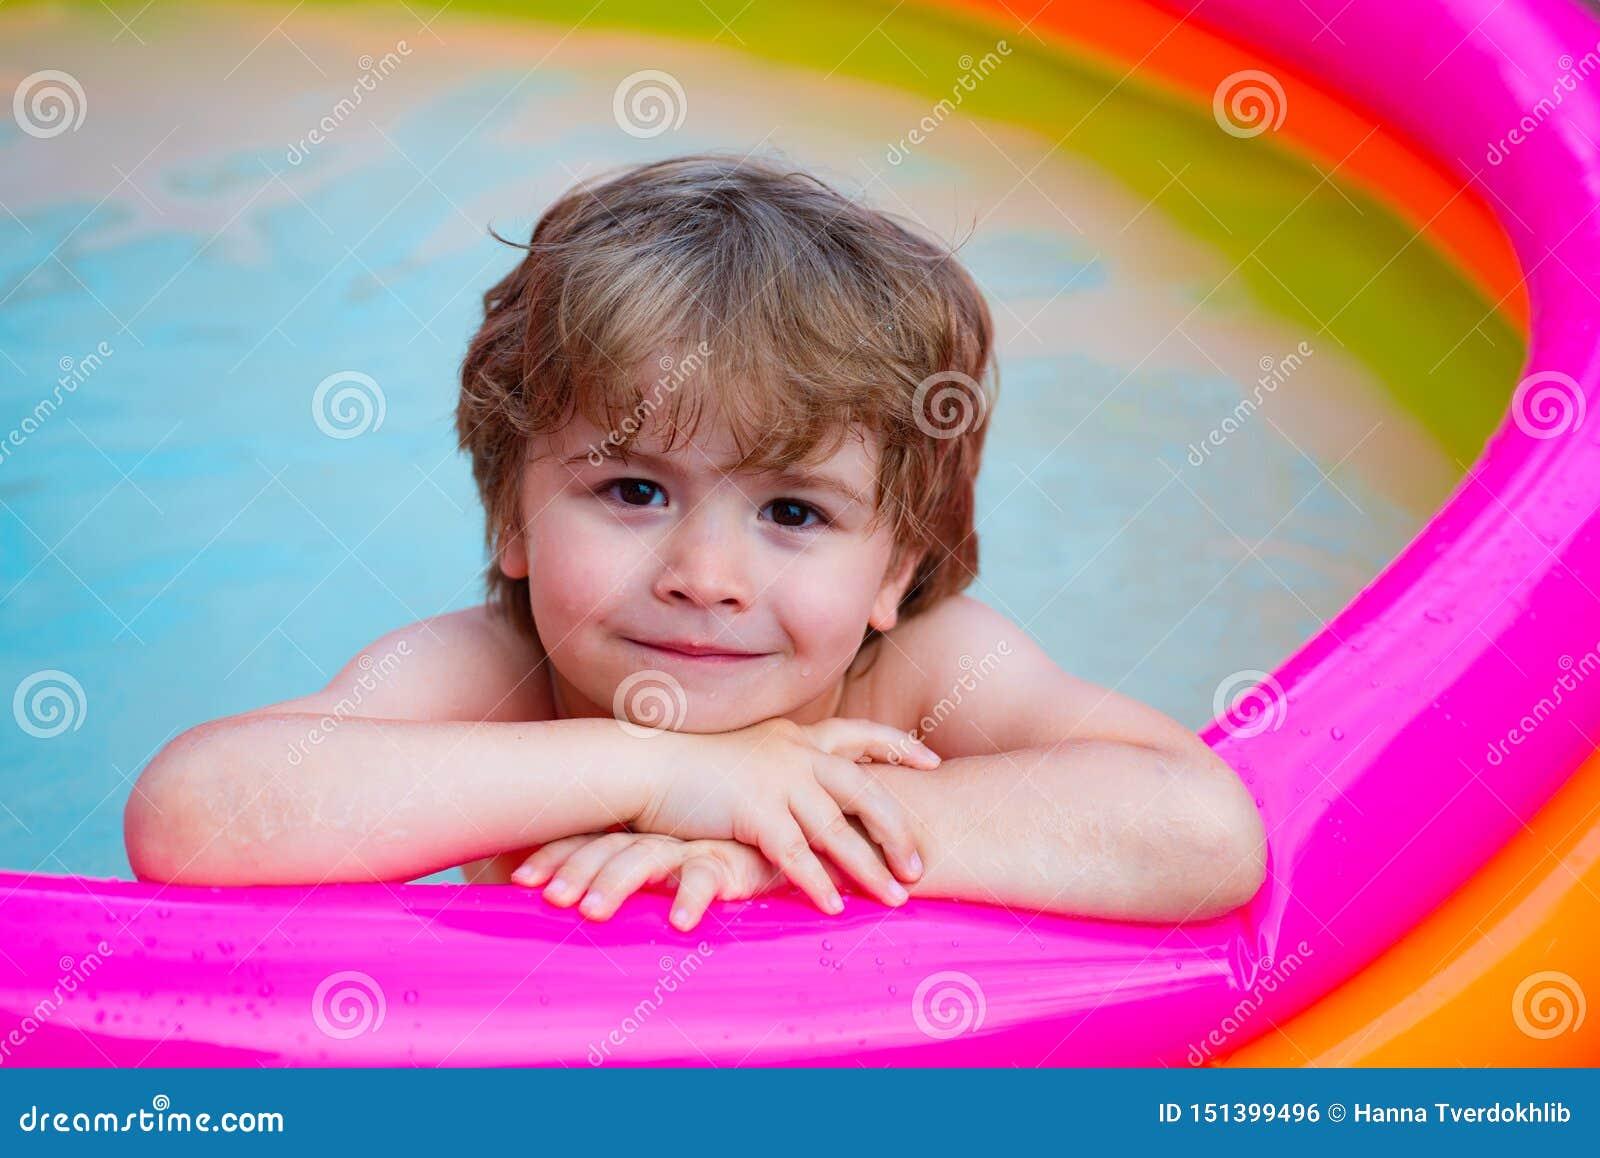 Релаксация лета в бассейне Ребенок лежит и ослабляет в домашнем бассейне с улыбкой Каникулы остатков лета Милый младенец